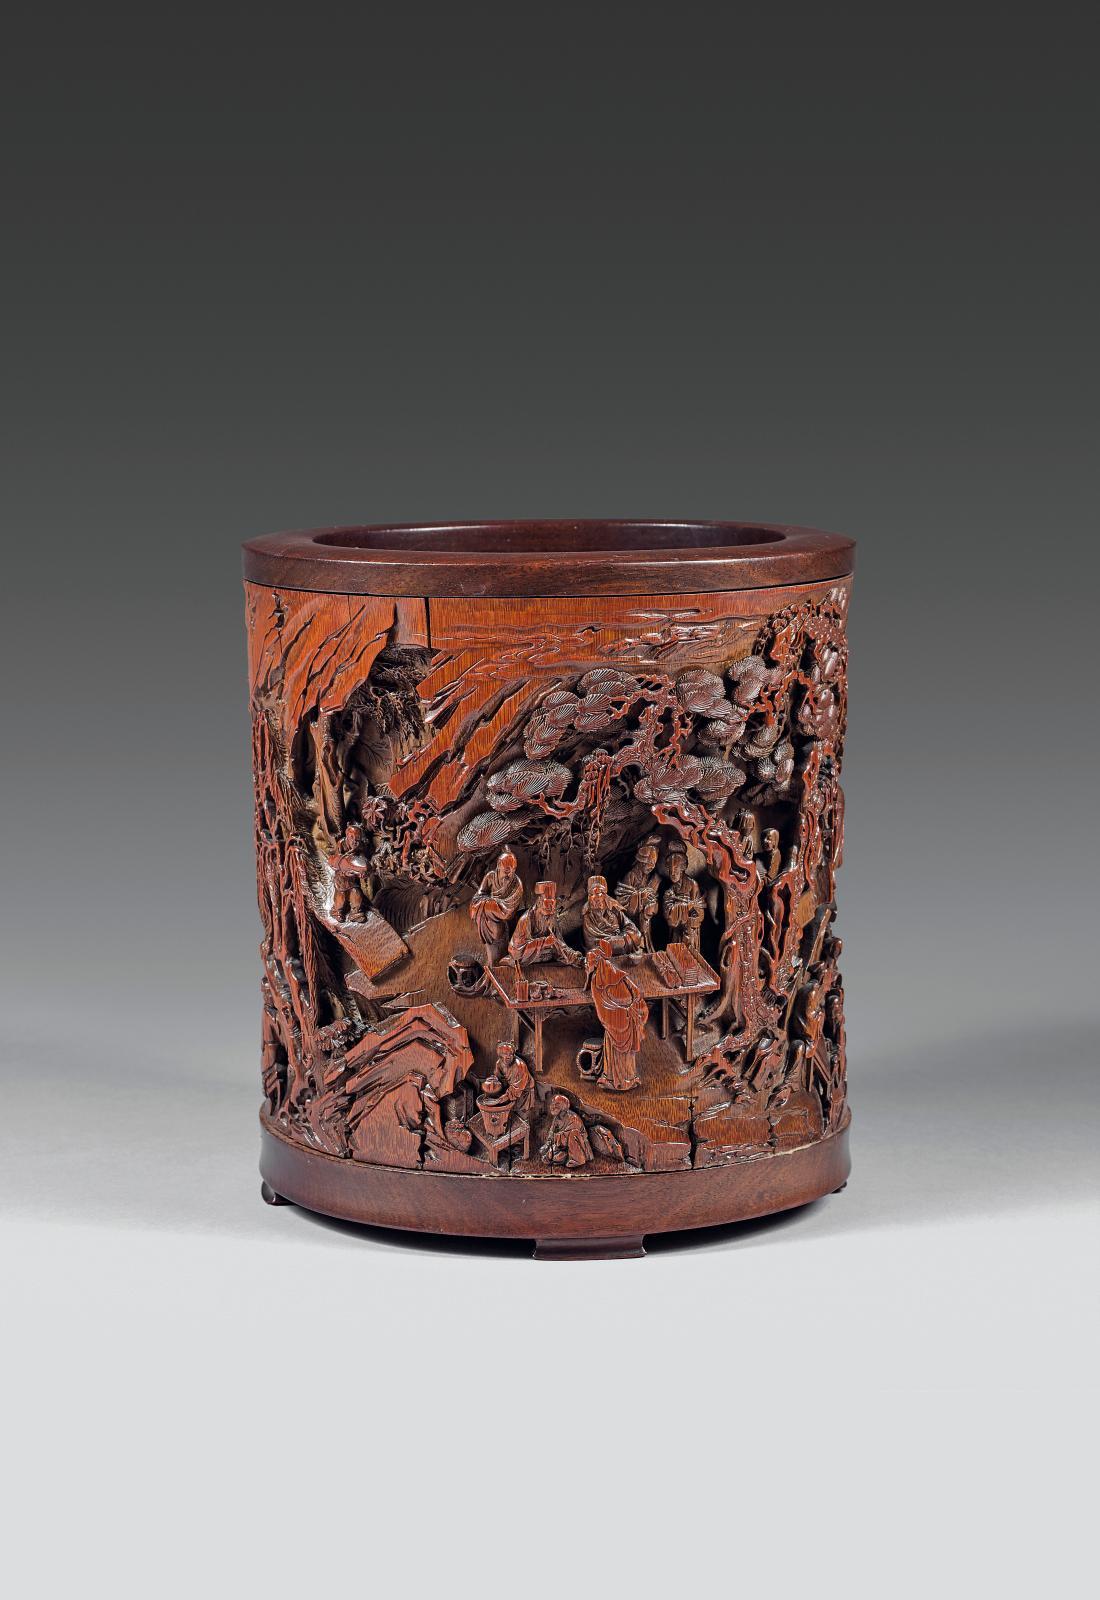 1574950€ Chine, époque Kangxi(1662-1722). Porte-pinceaux bitong en bambou sculpté de scènes de la Légende des sept sages de la forêt de bambous, s